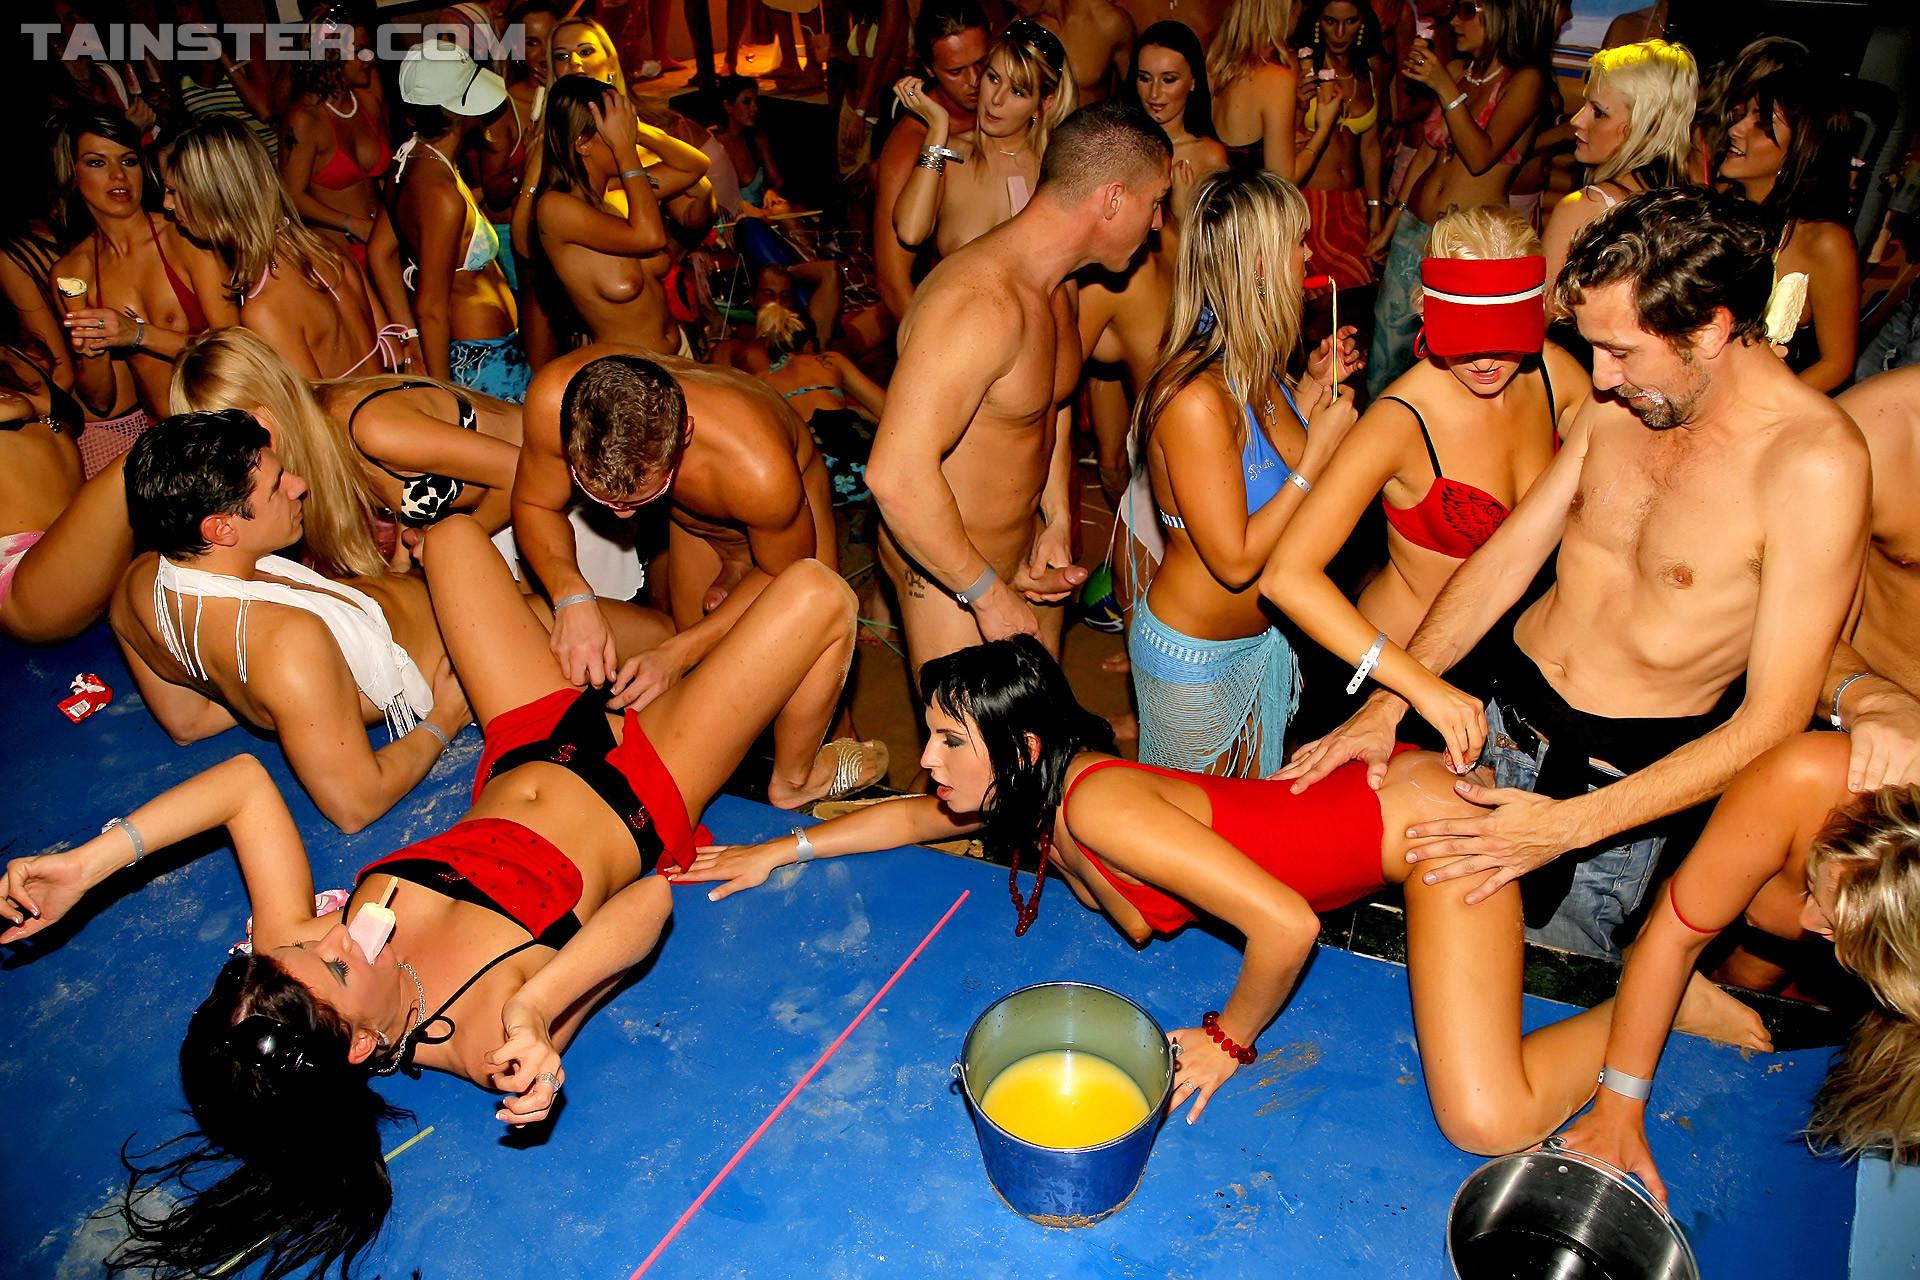 Пенная вечеринка окончилась большой оргией с кучей людей и мокрых пезд